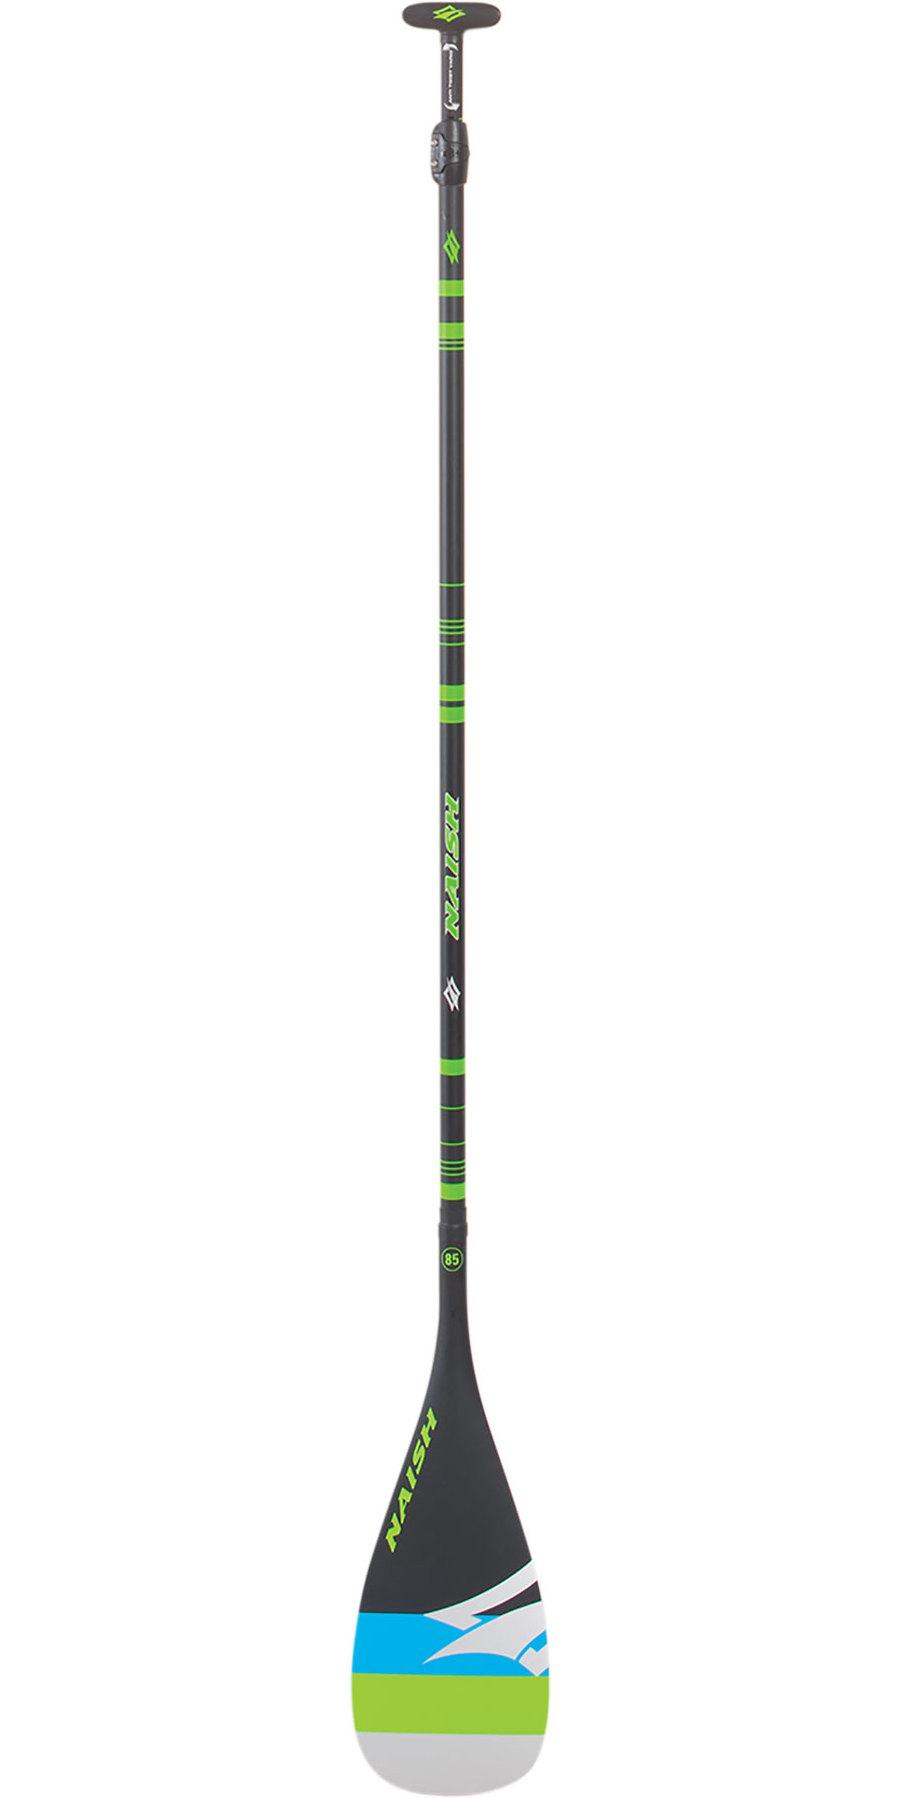 2019 Naish Carbon Vario Sds Sup Paddle - 95 Mes 96065